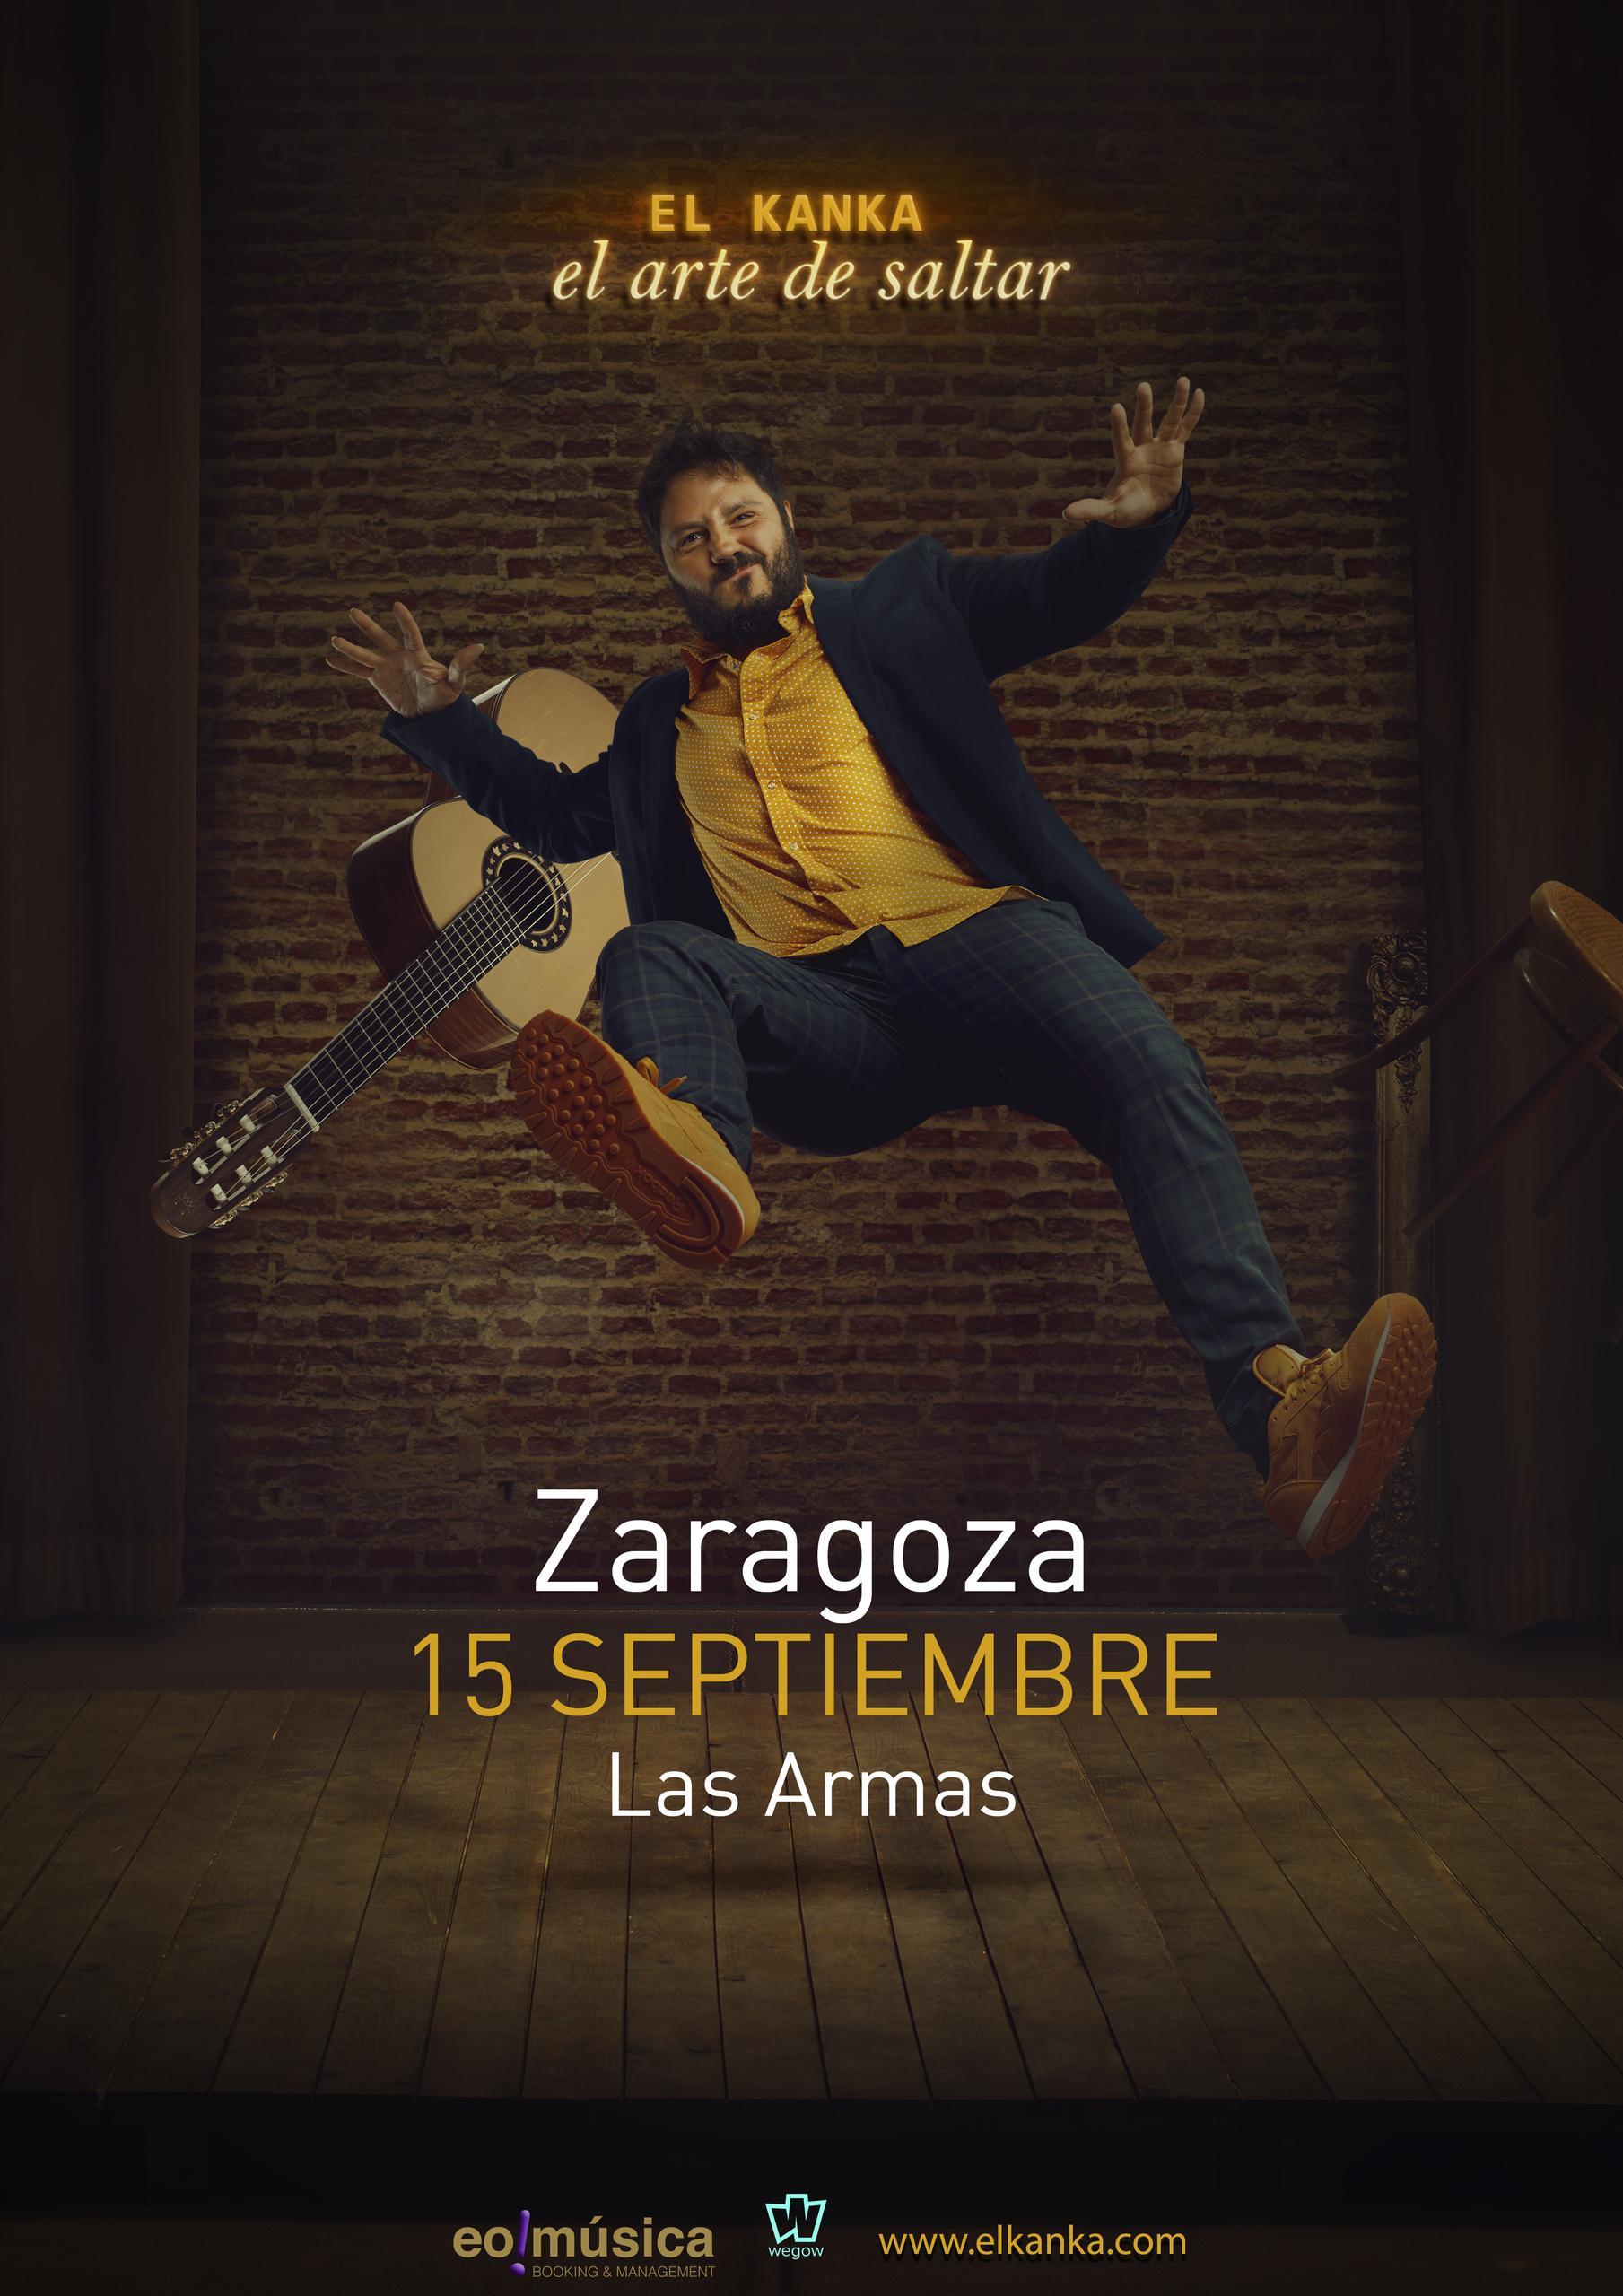 Concierto de El Kanka en ZARAGOZA